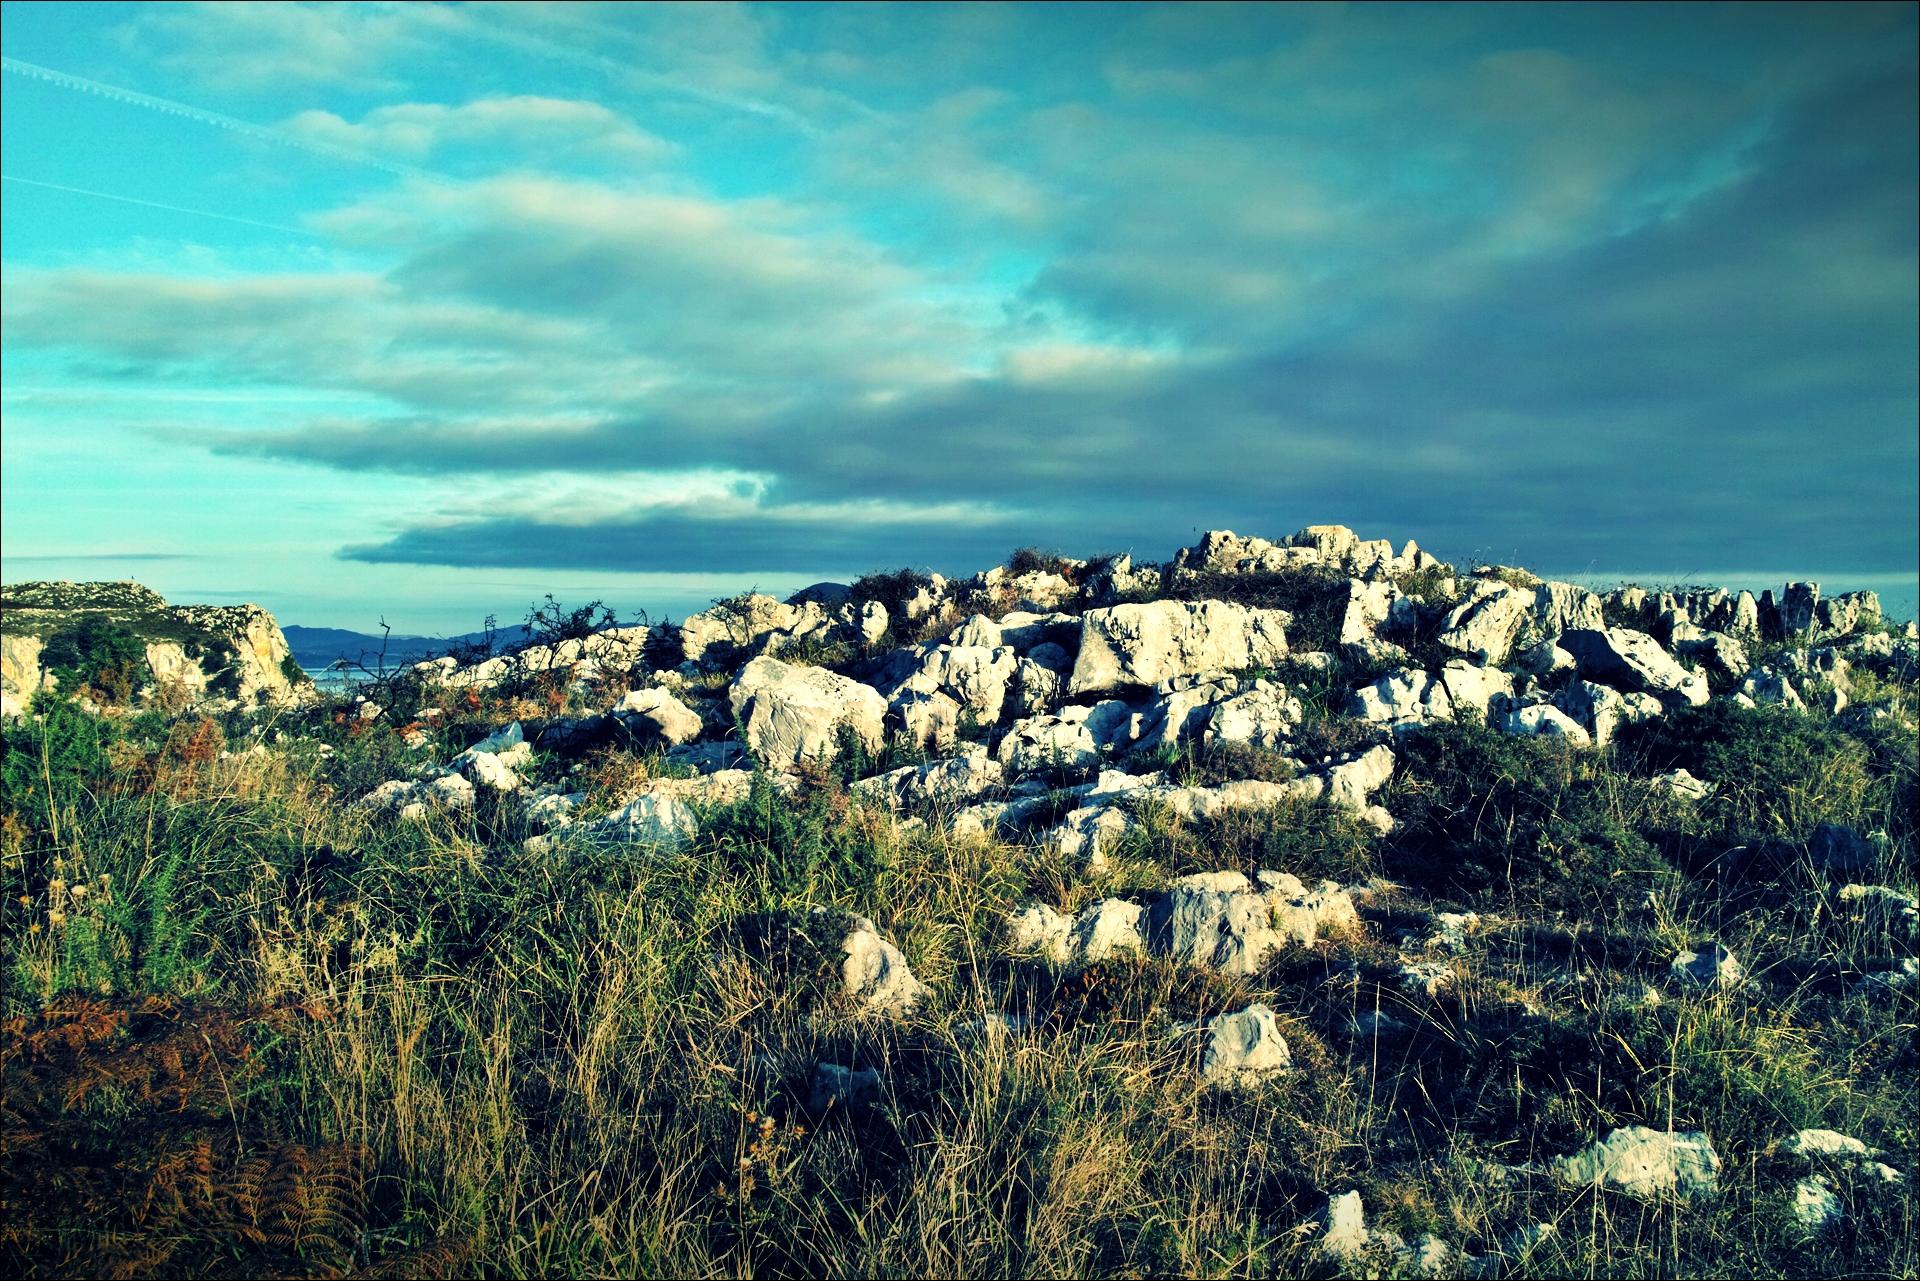 바위와 하늘-'카미노 데 산티아고 북쪽길. 리엔도에서 산토냐. (Camino del Norte - Liendo to Santoña) '